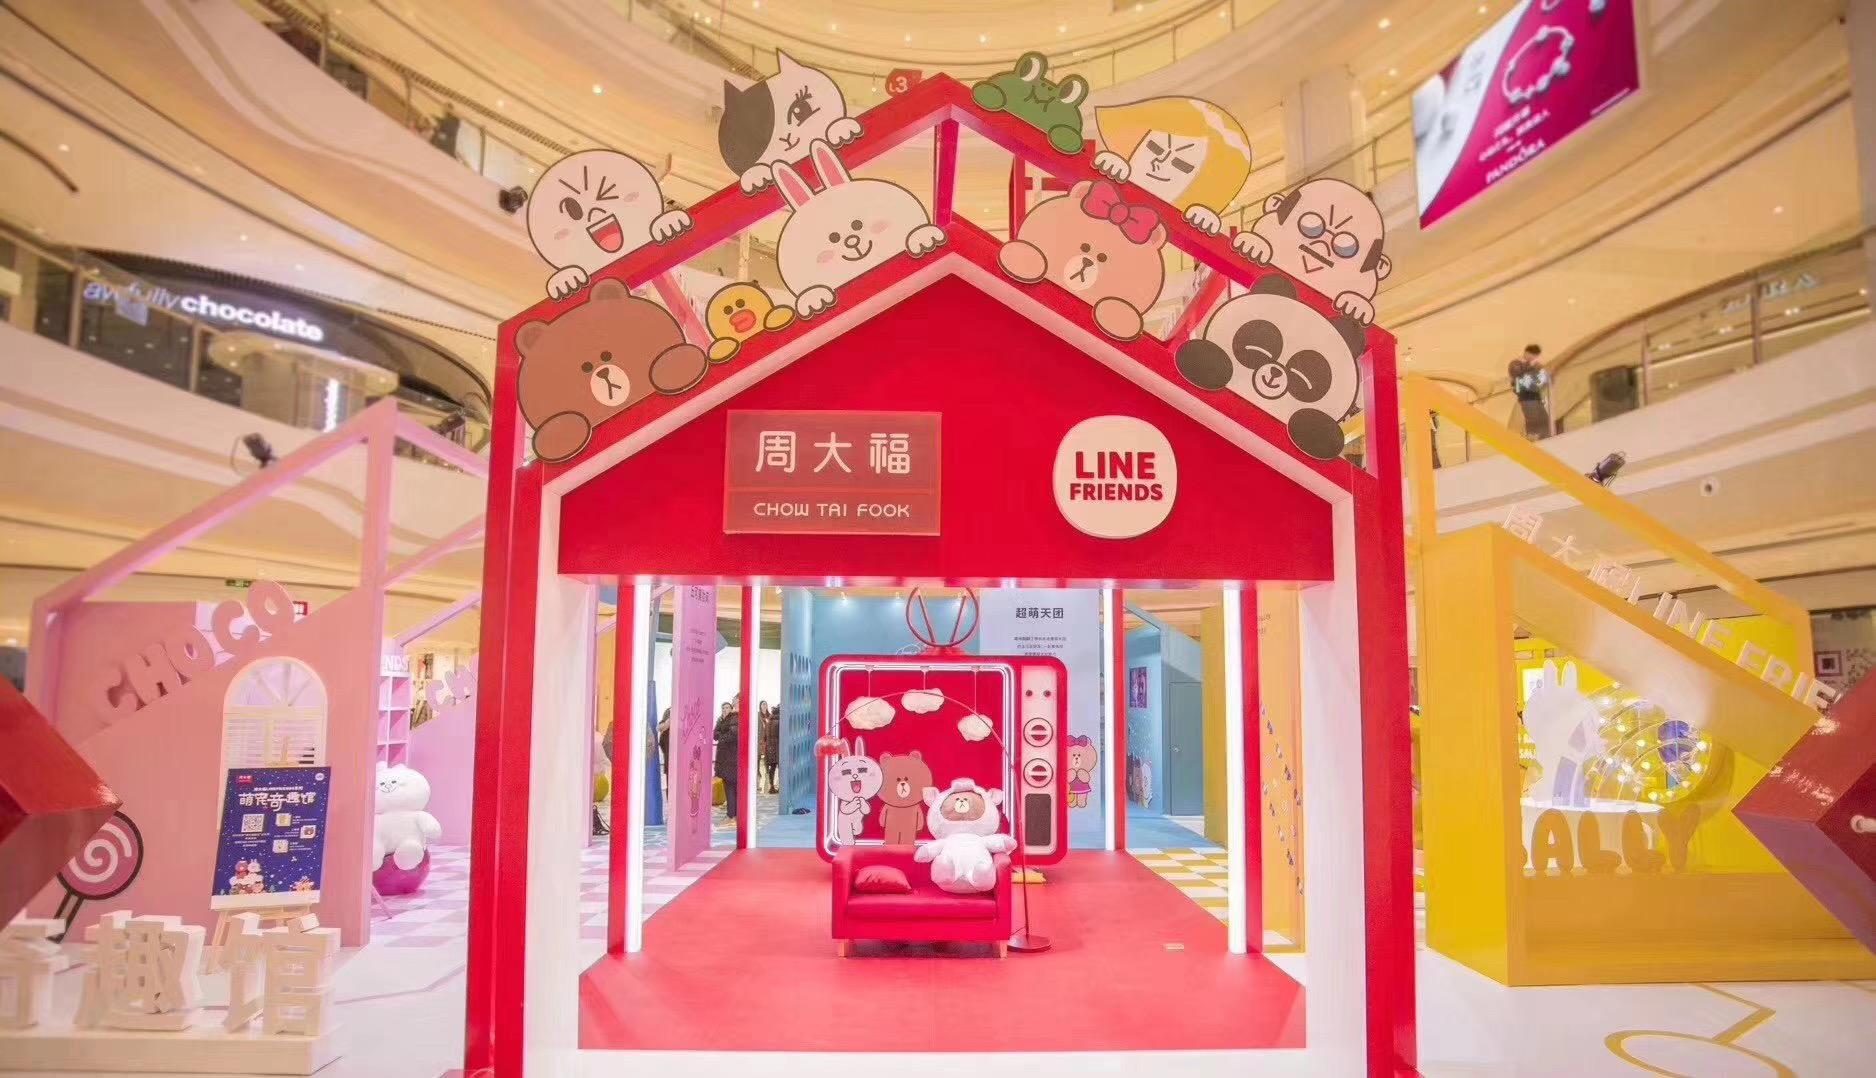 周大福LINE FRIENDS项目荣获亚洲授权业卓越大奖